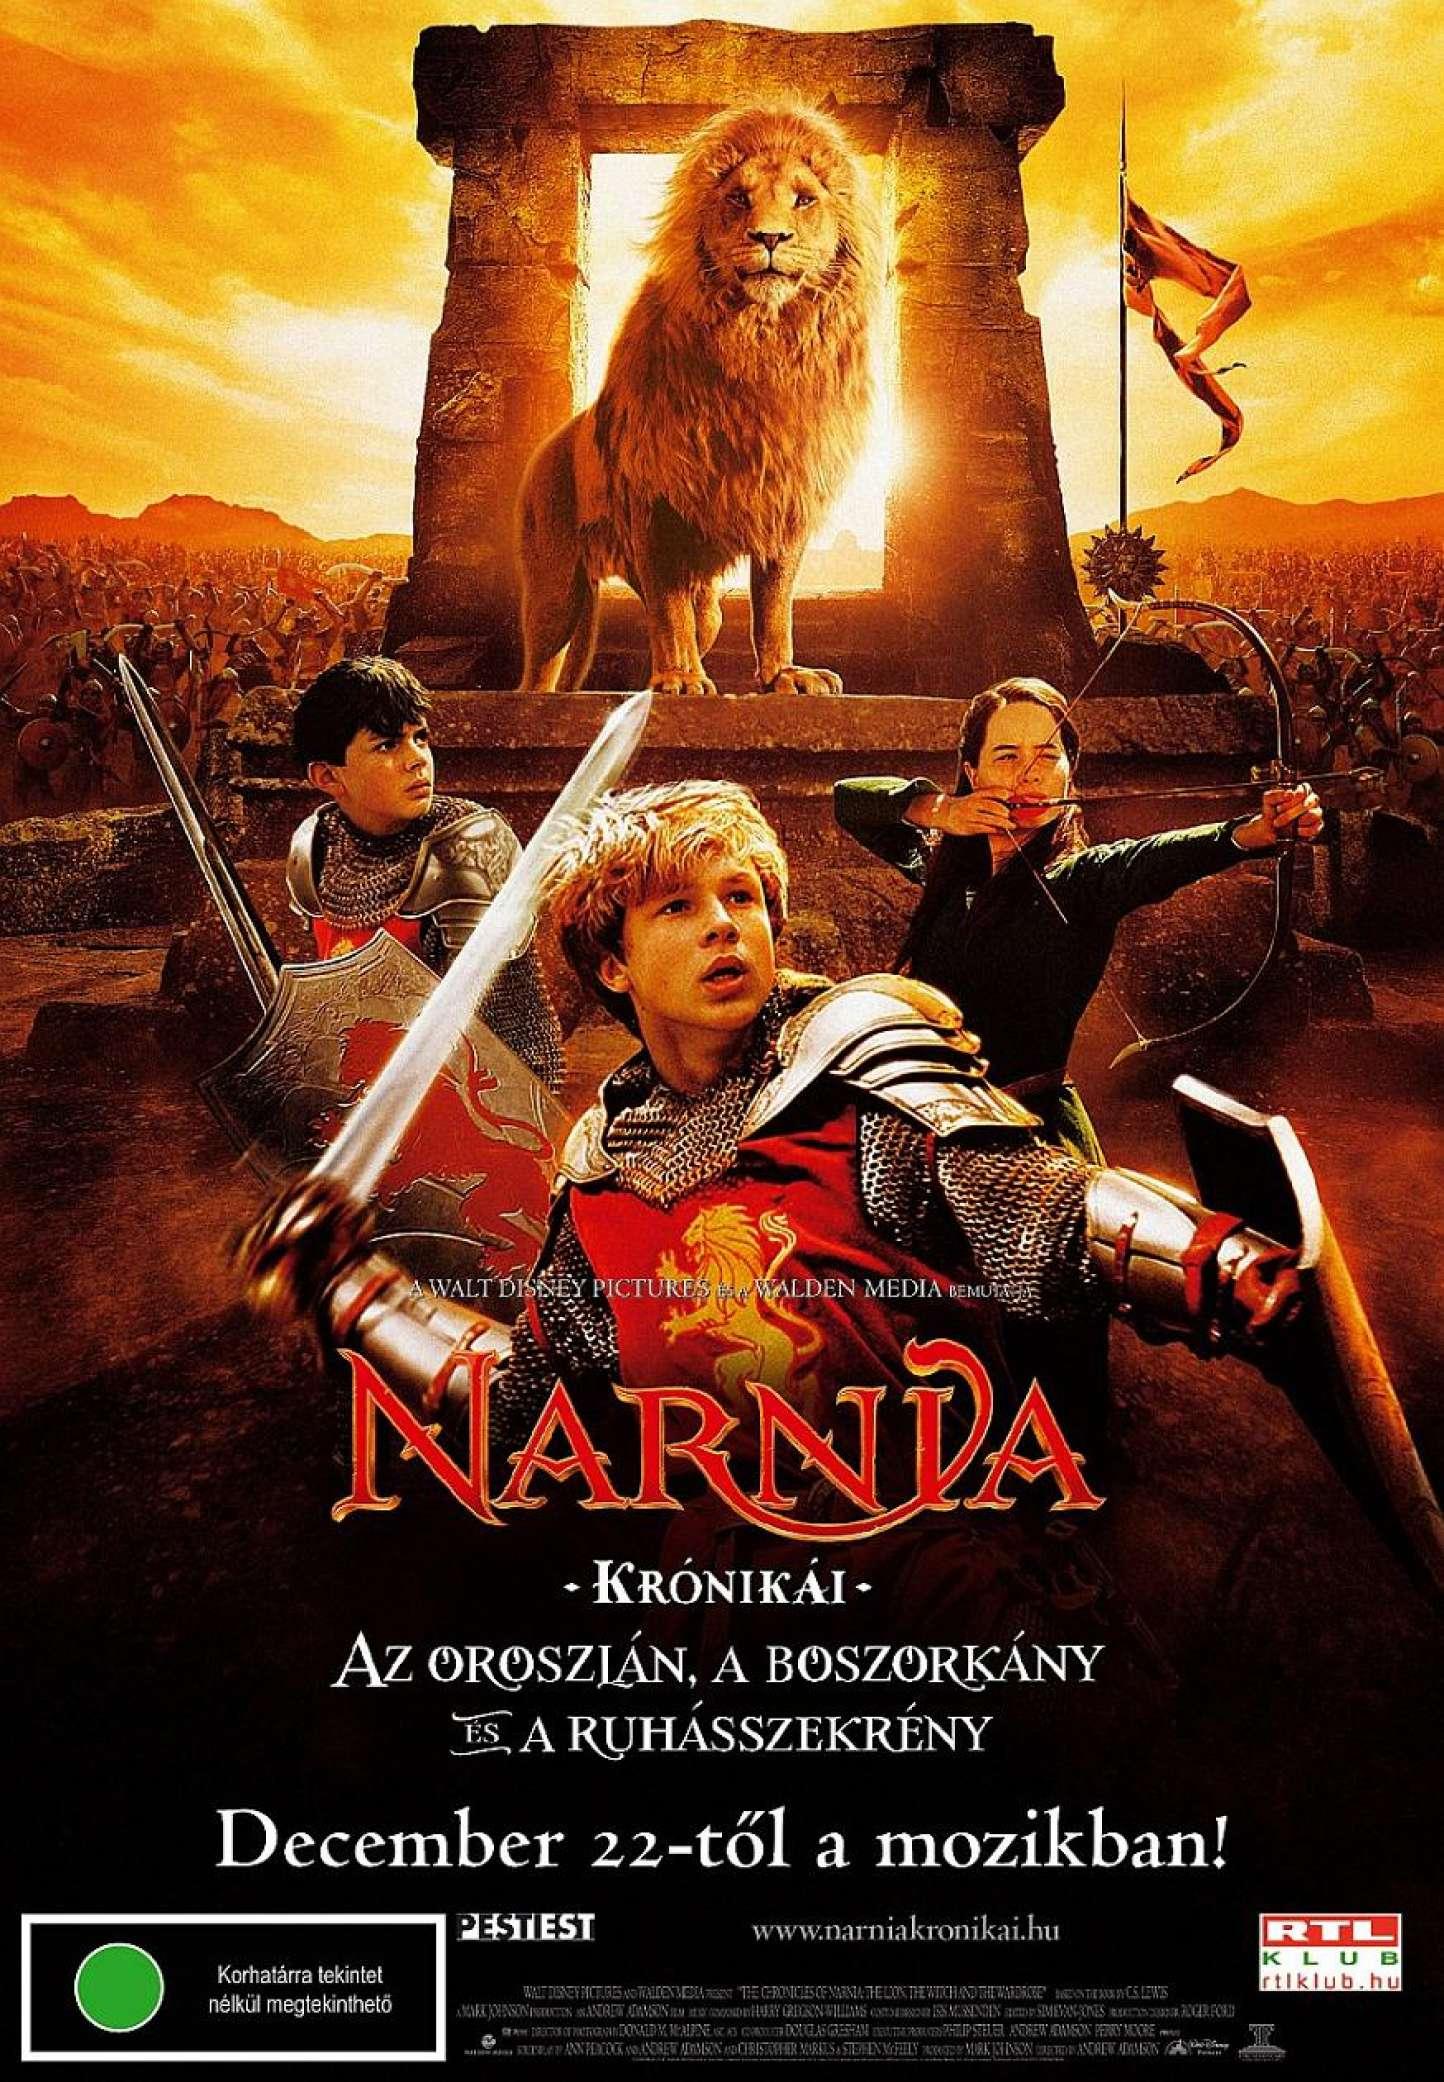 Narnia Kronikai Az Oroszlan A Boszorkany Es A Ruhasszekreny Online Film